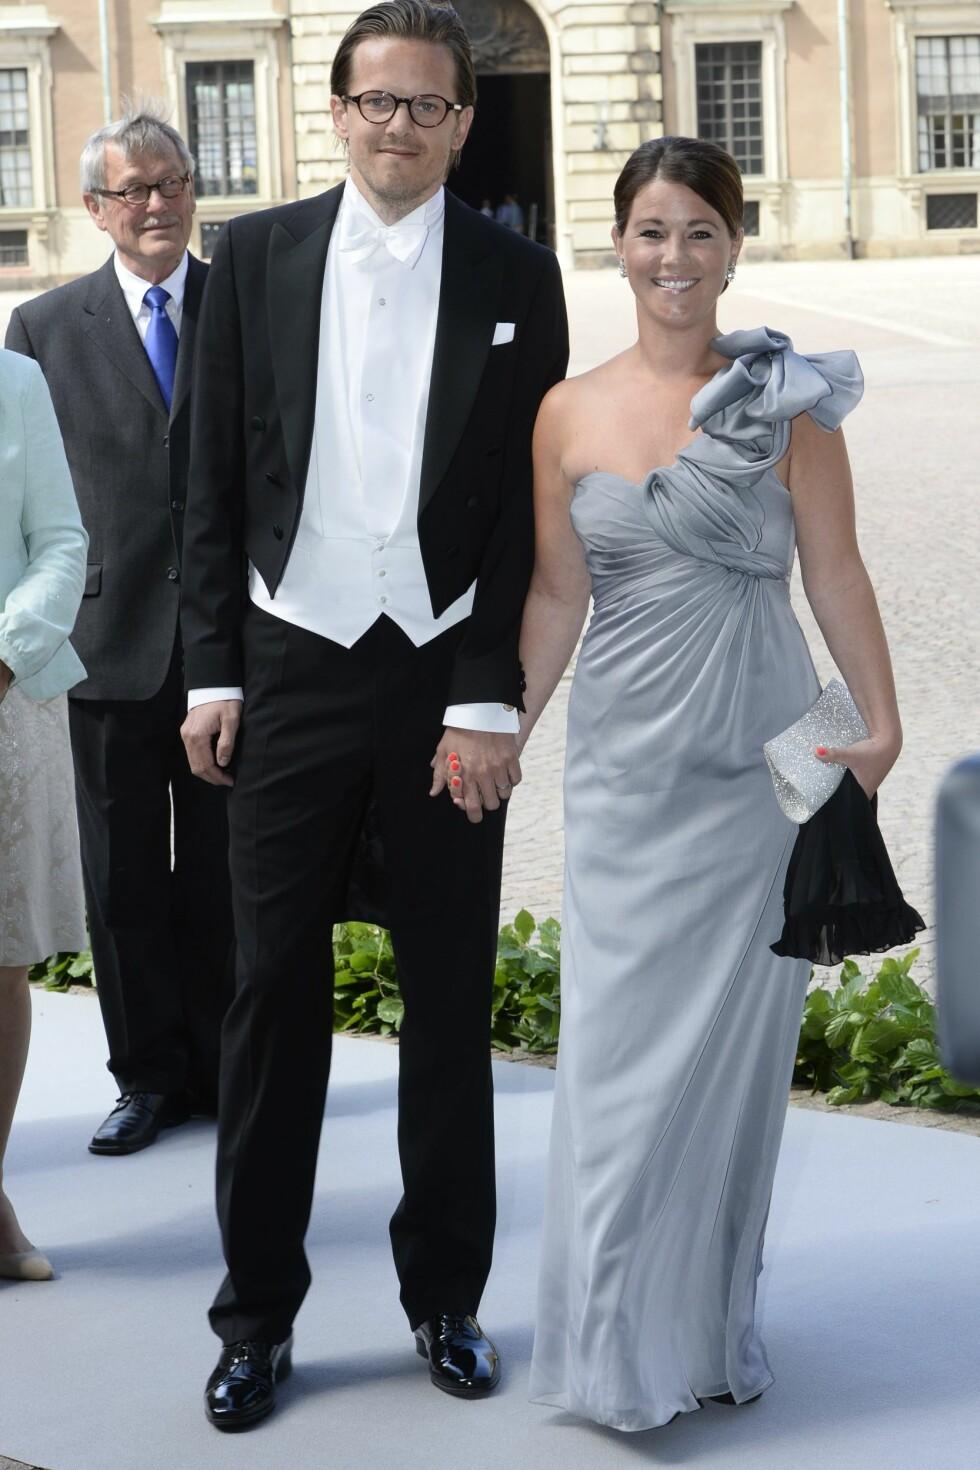 VENNINNE MED SVIGERINNEN: Her er Emma Pernald sammen med ektemannen Tomas Jonsson i bryllupet til prinsesse Madeleine og Christopher O'Neill i 2013.  Foto: NTBscanpix